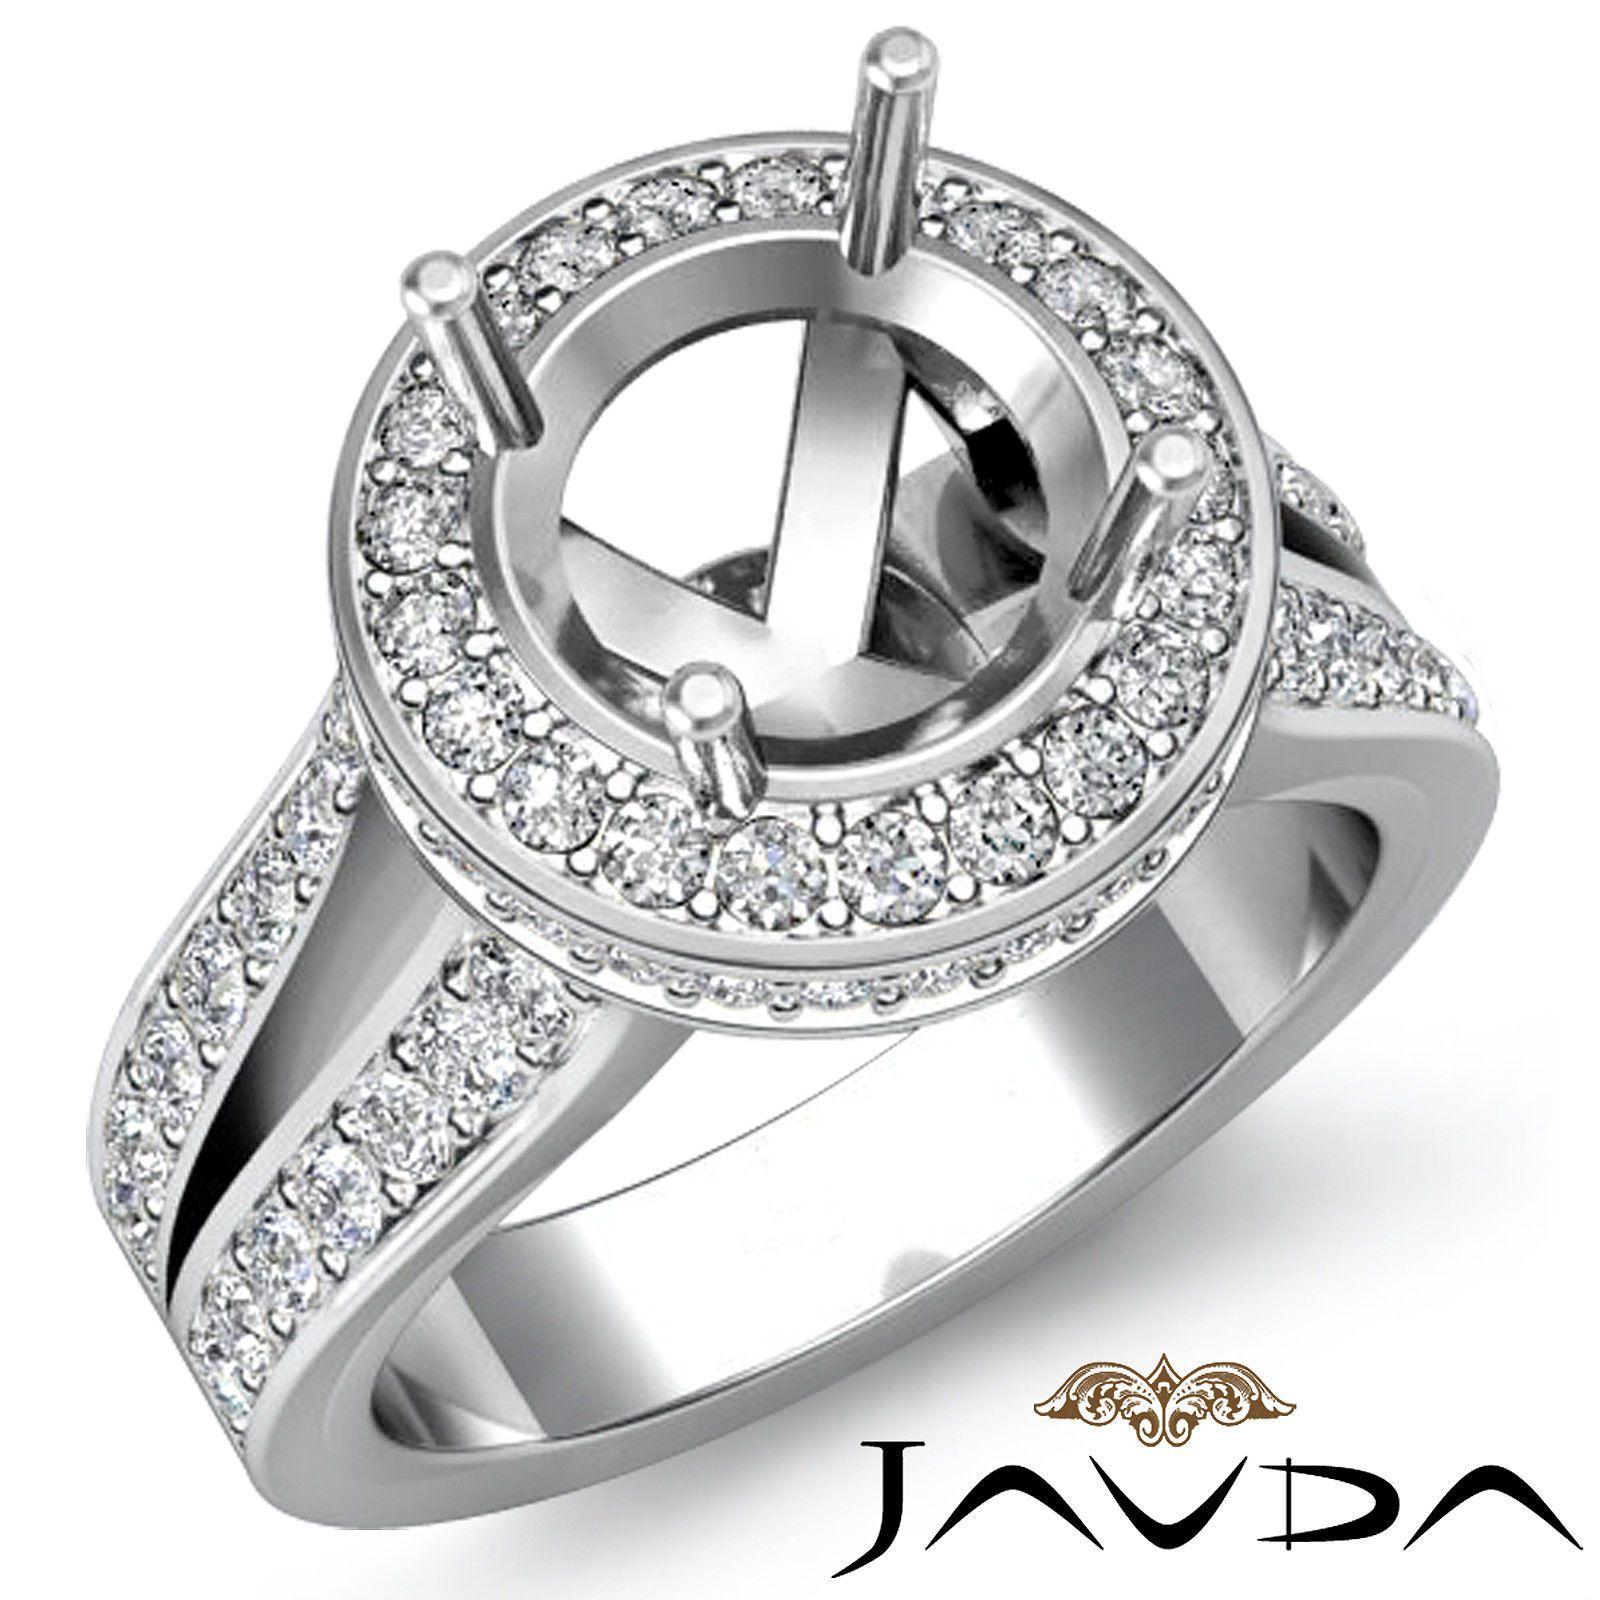 Best Of Vintage Wedding Rings Ebay Wedding